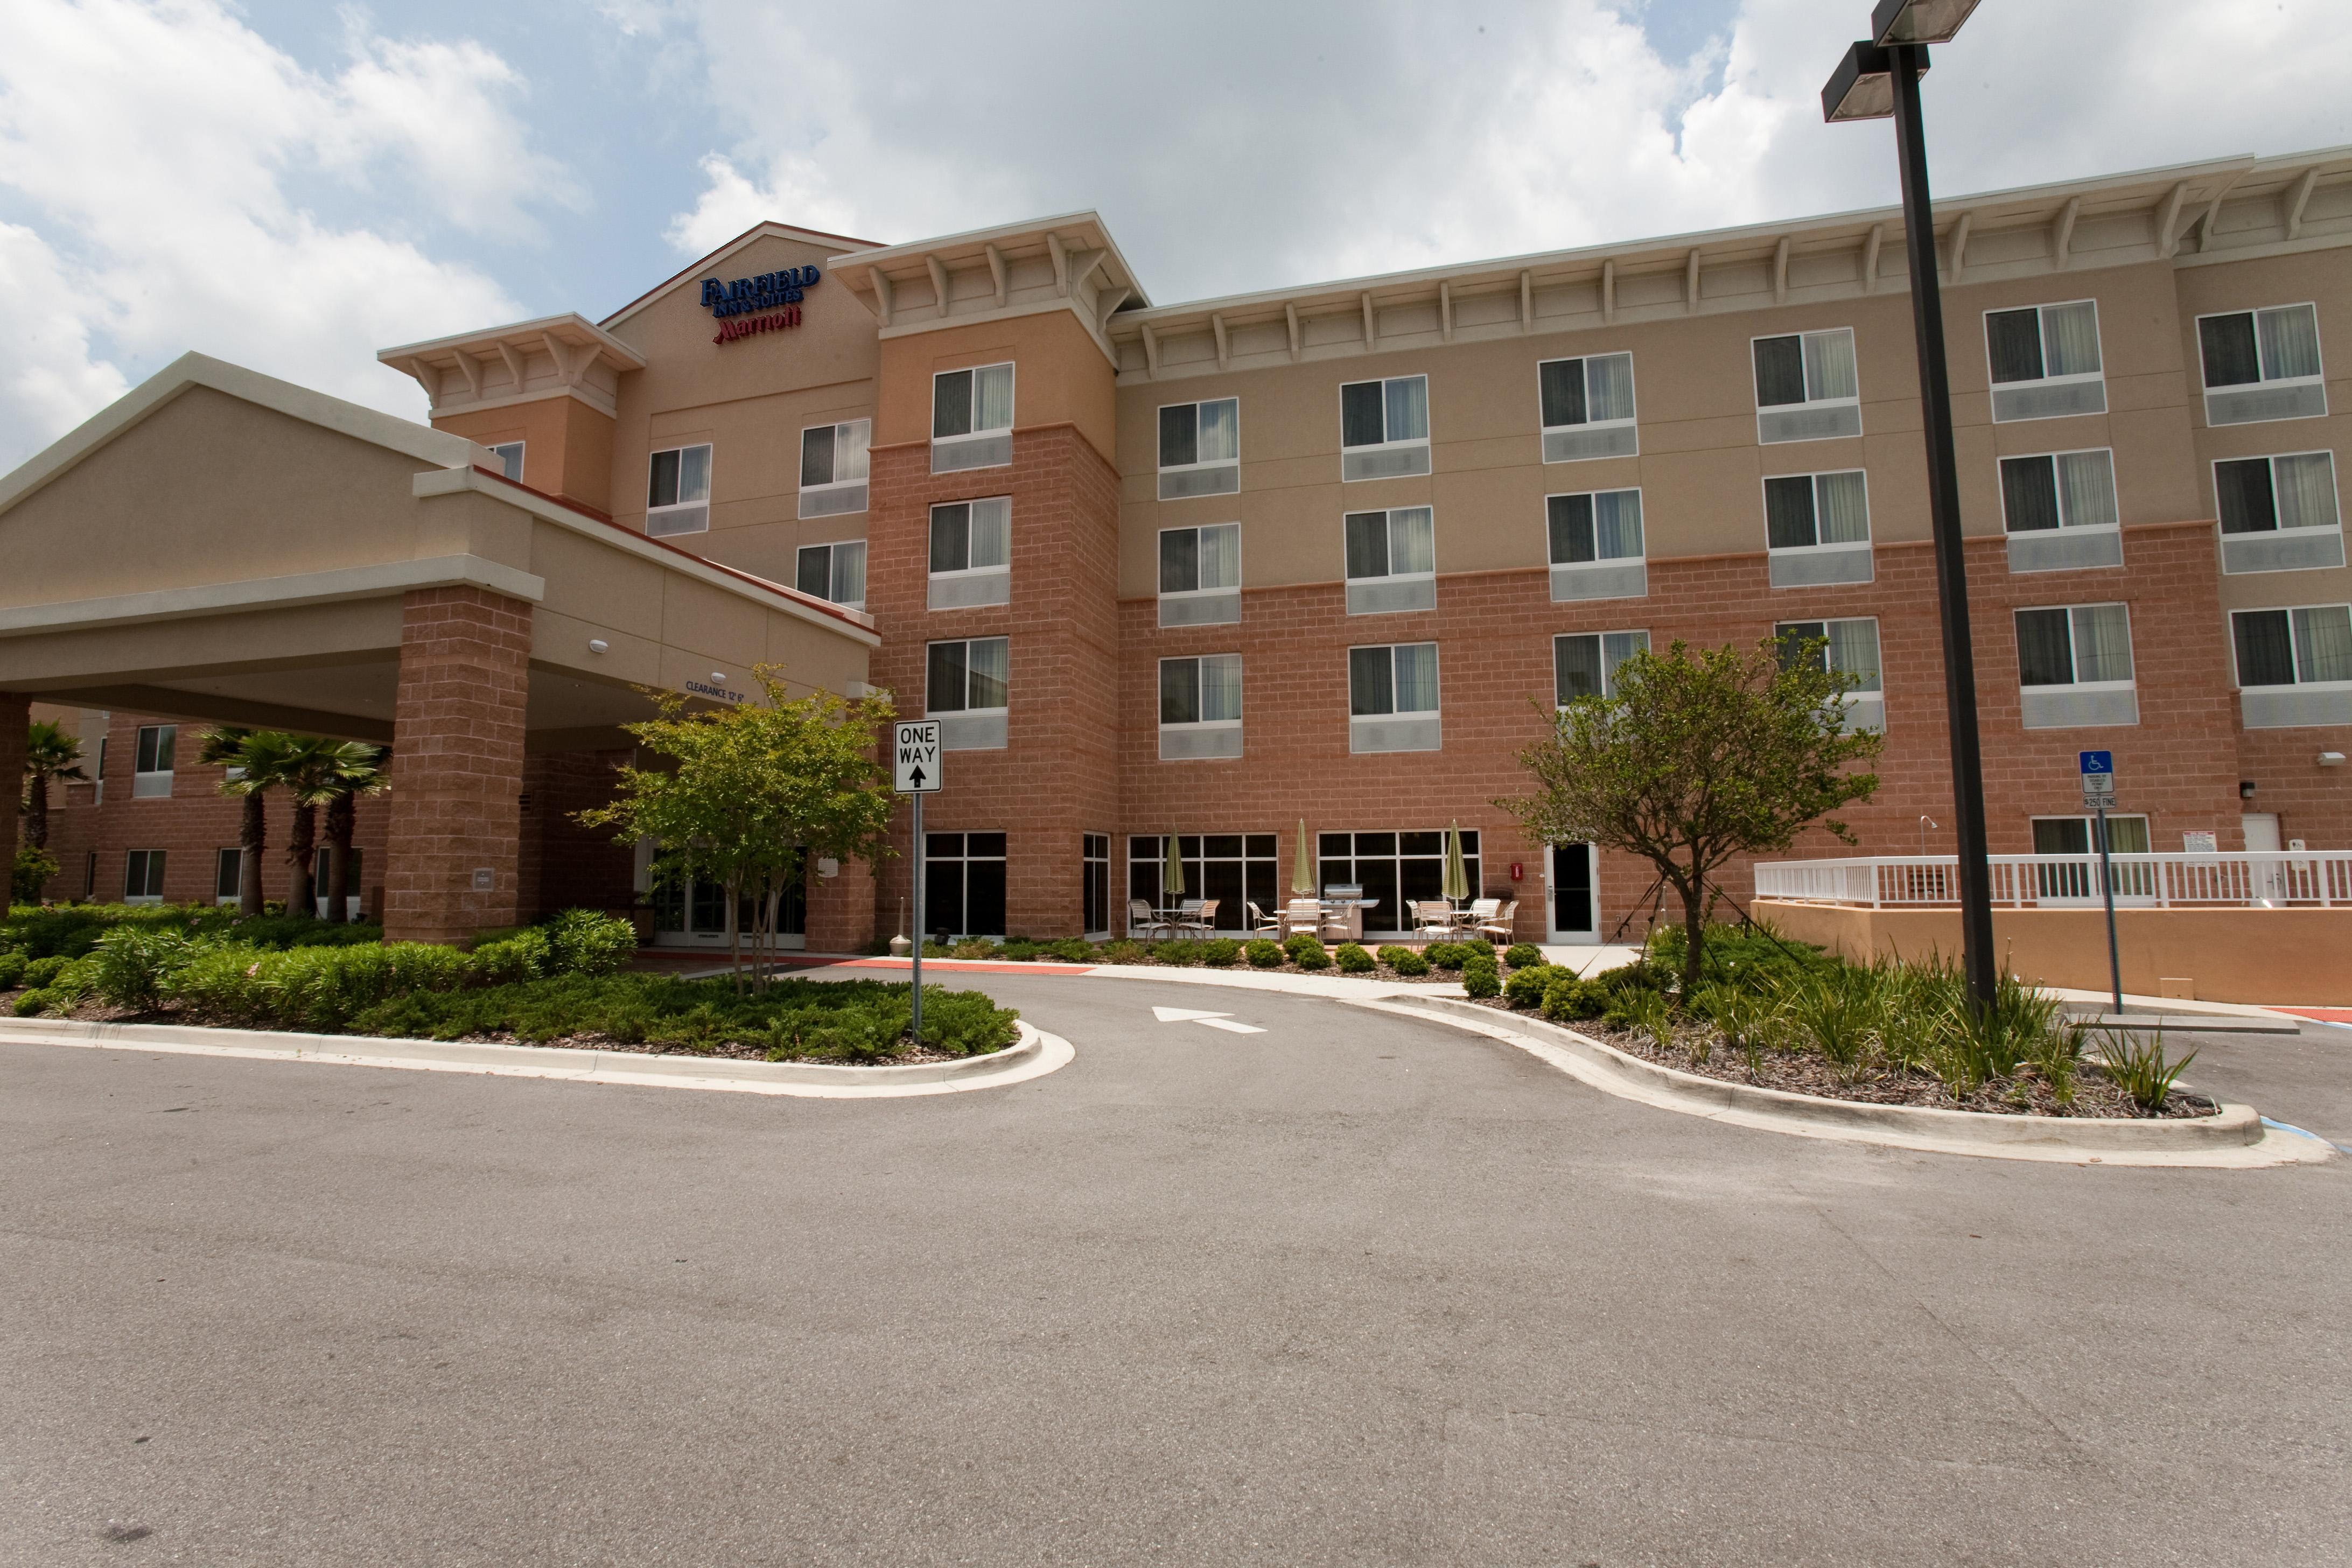 Fairfield Inn and Suites Palm Coast